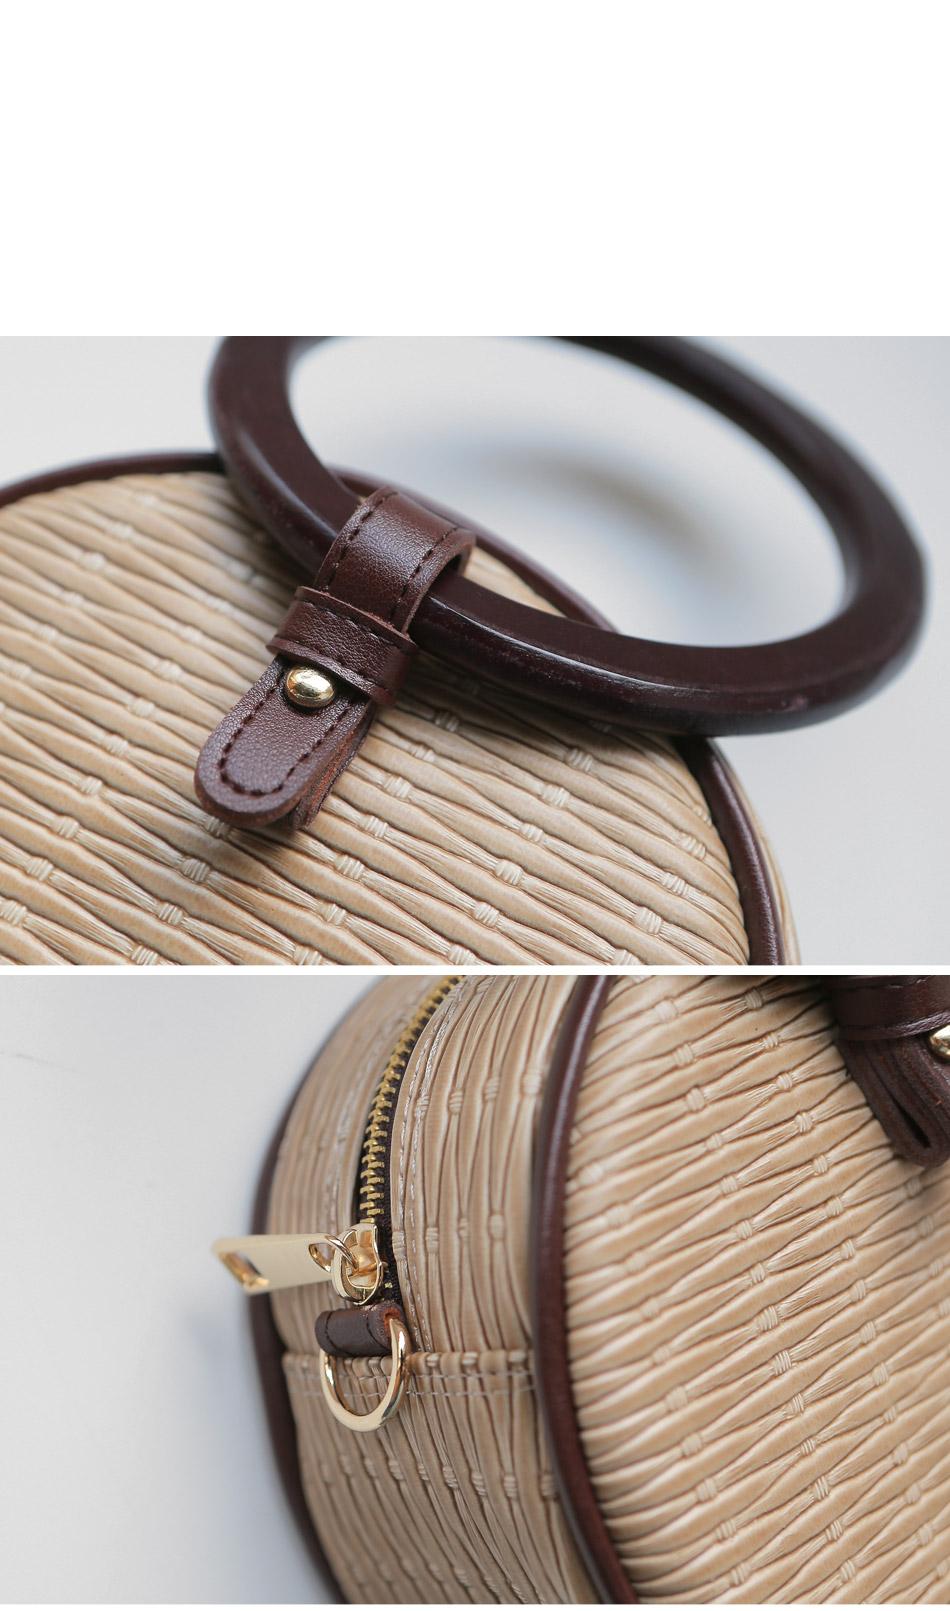 Ring tambourine bag